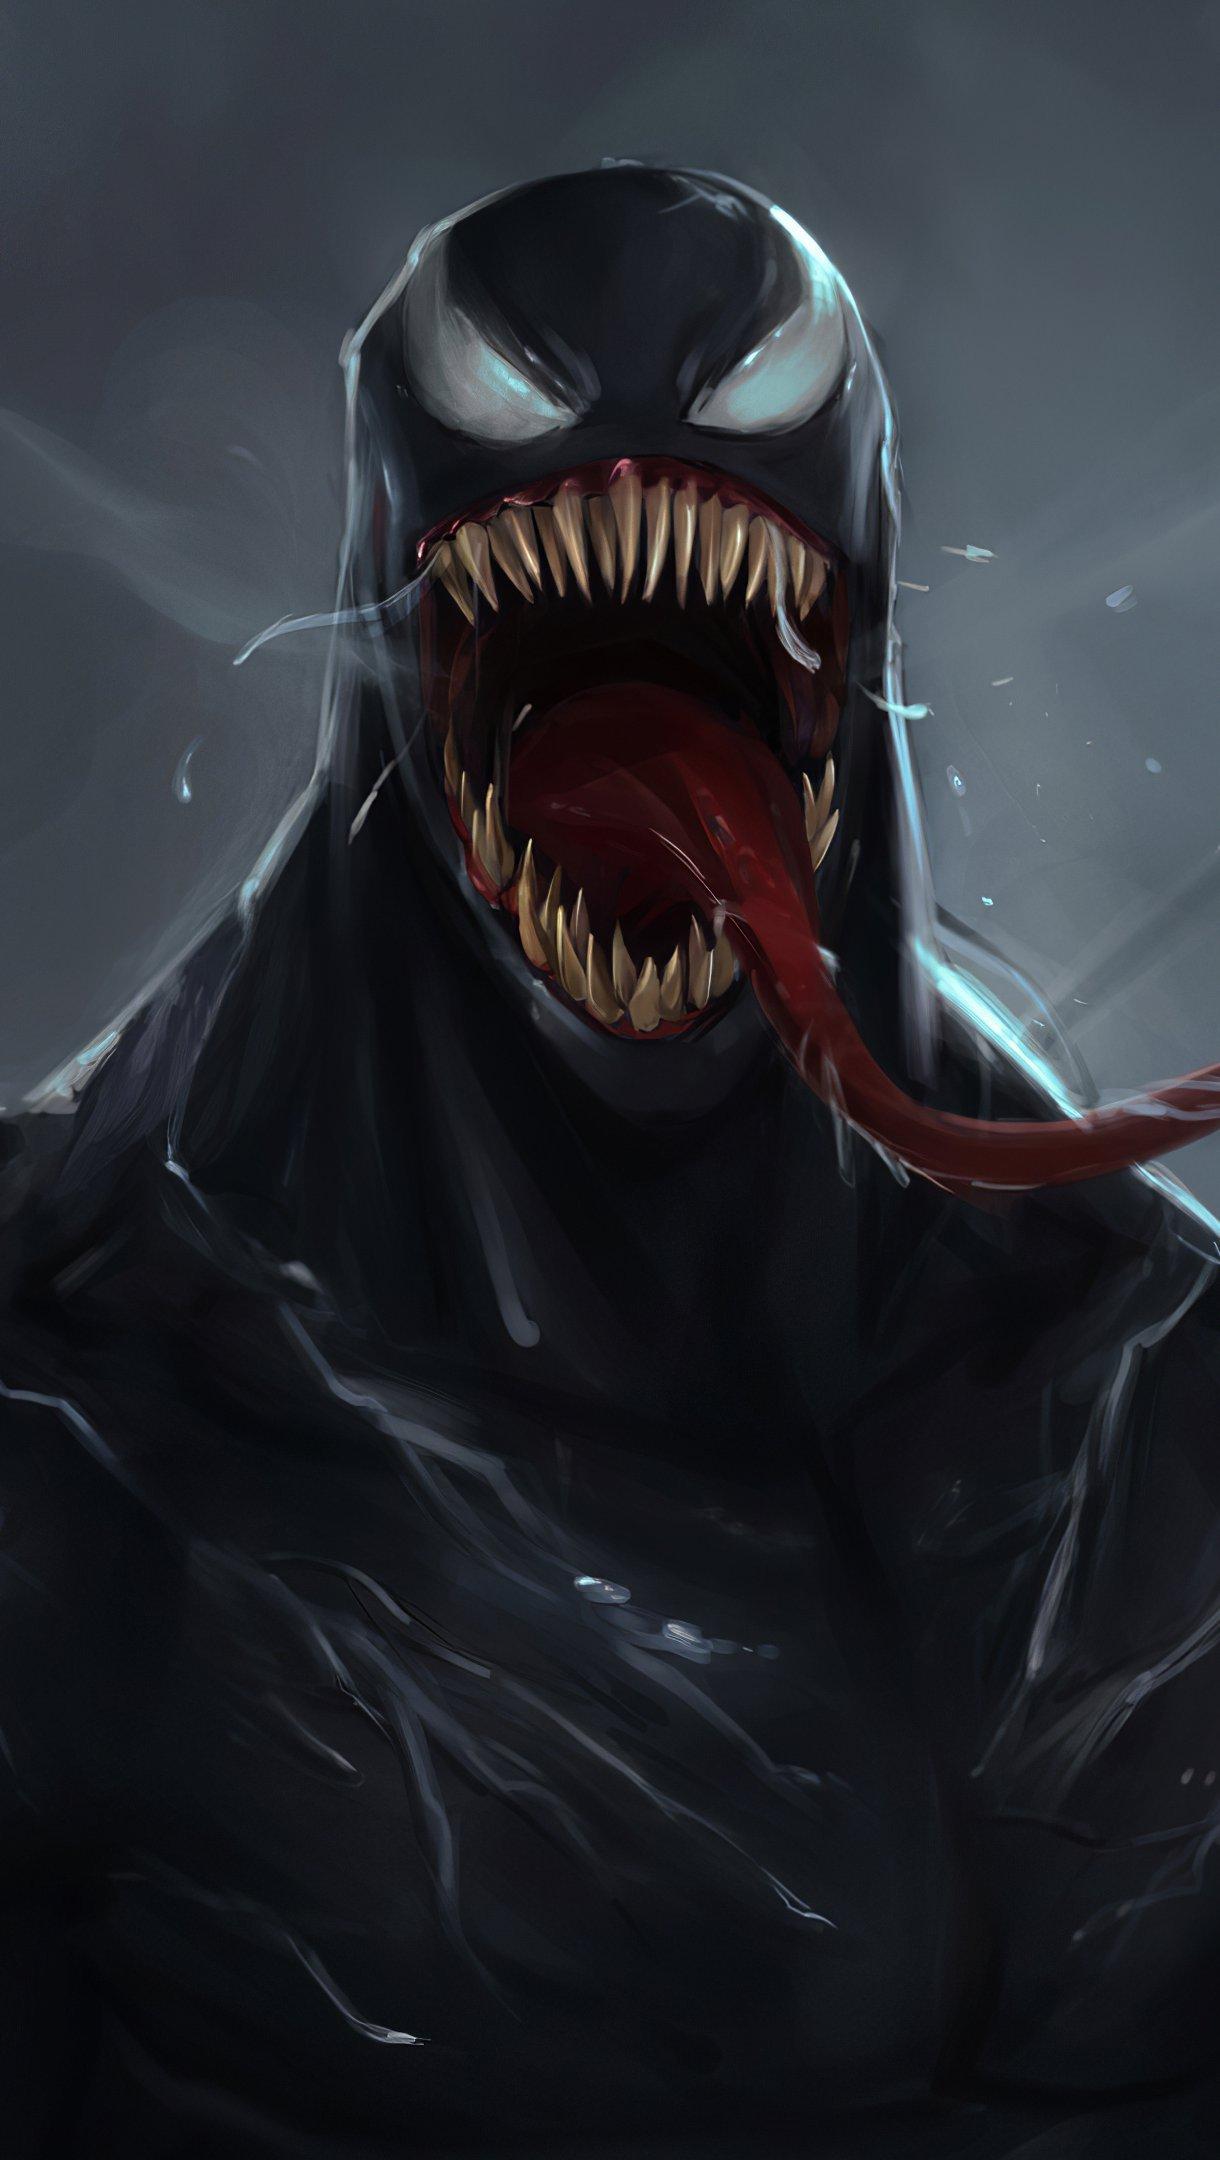 Wallpaper Venom Illustration Vertical